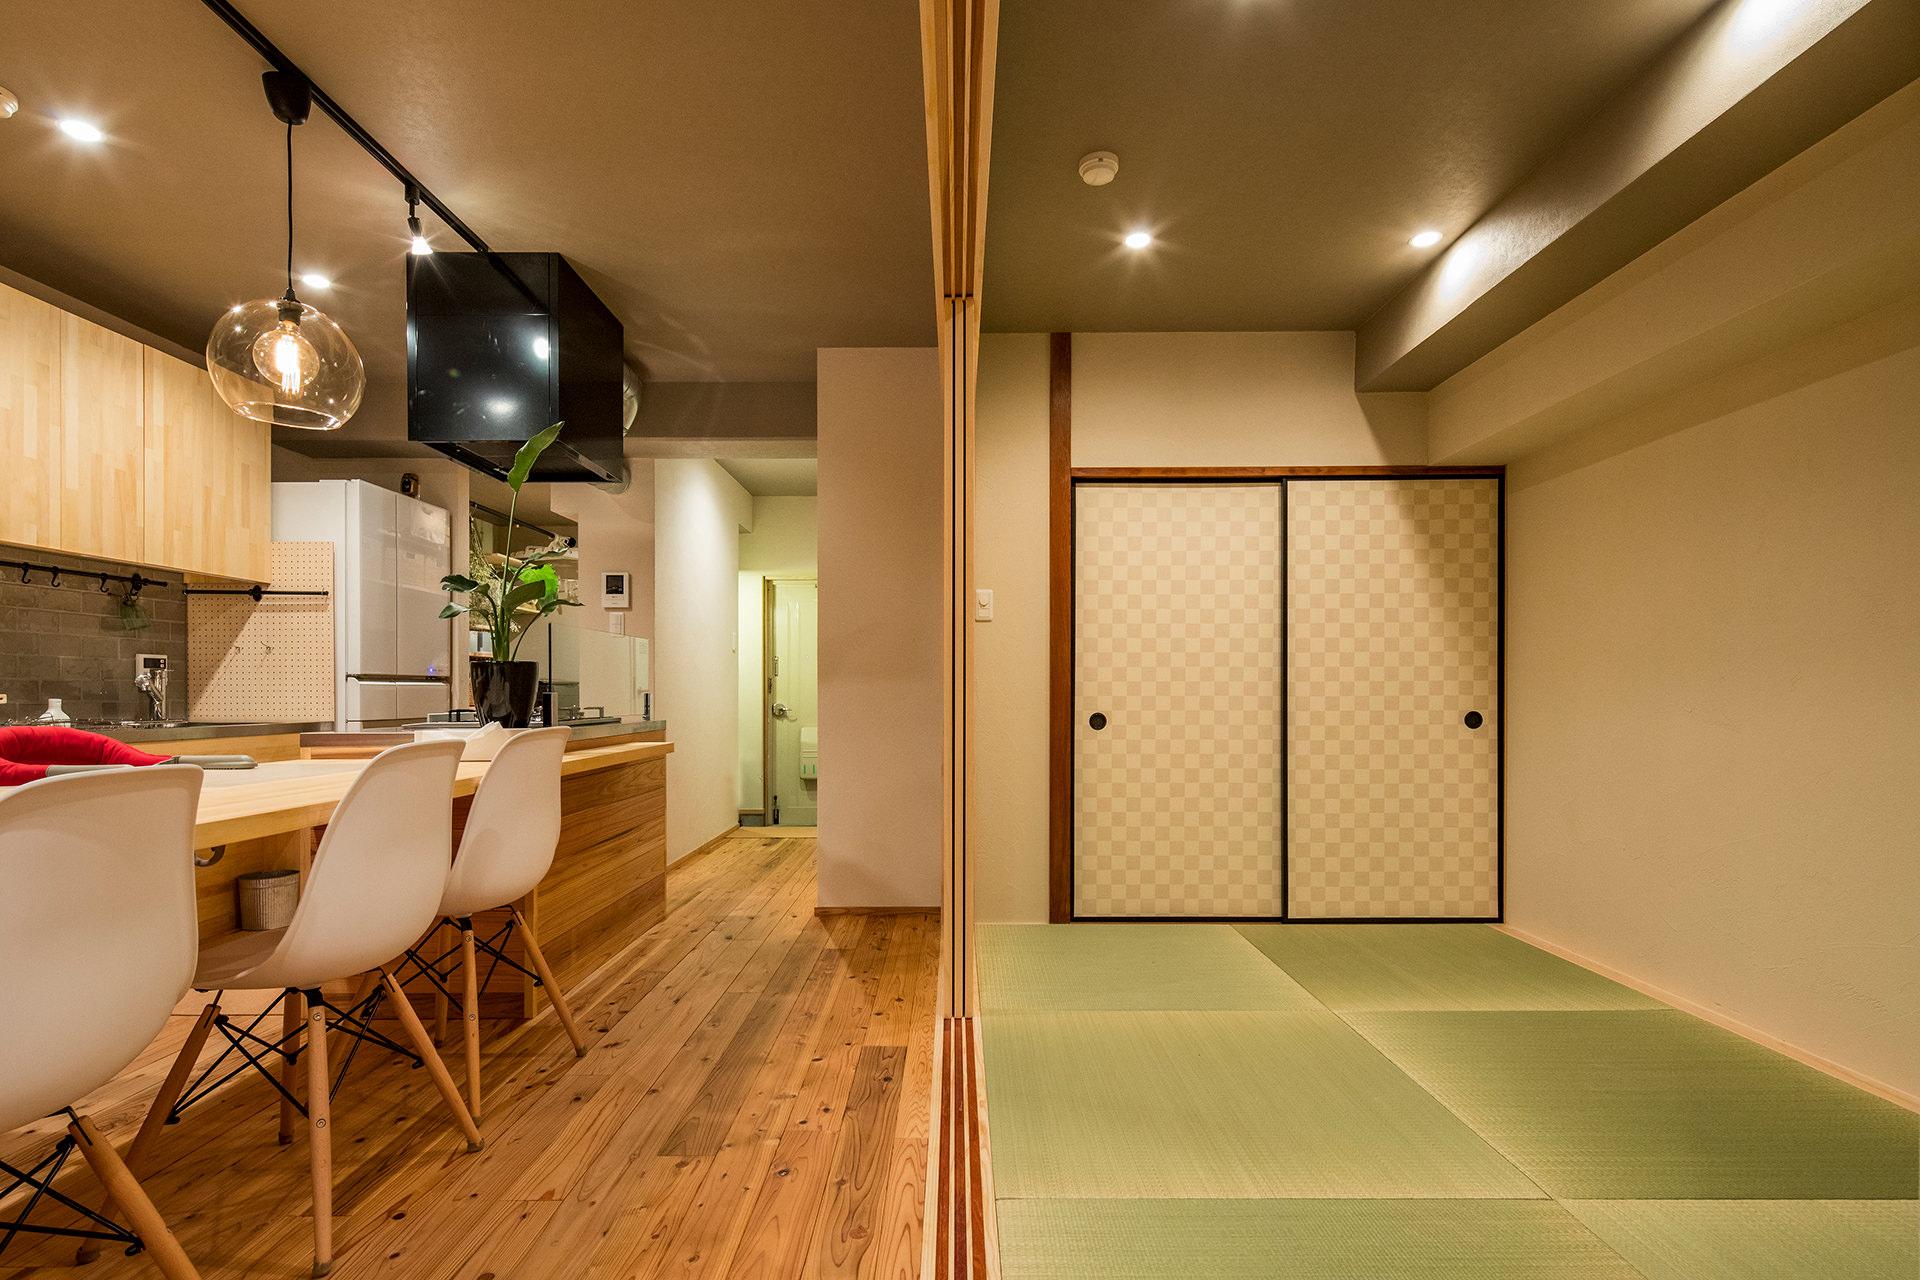 「アイランドキッチンと広々LDKの暮らしを愉しむ家」イメージ08 撮影:東涌宏和